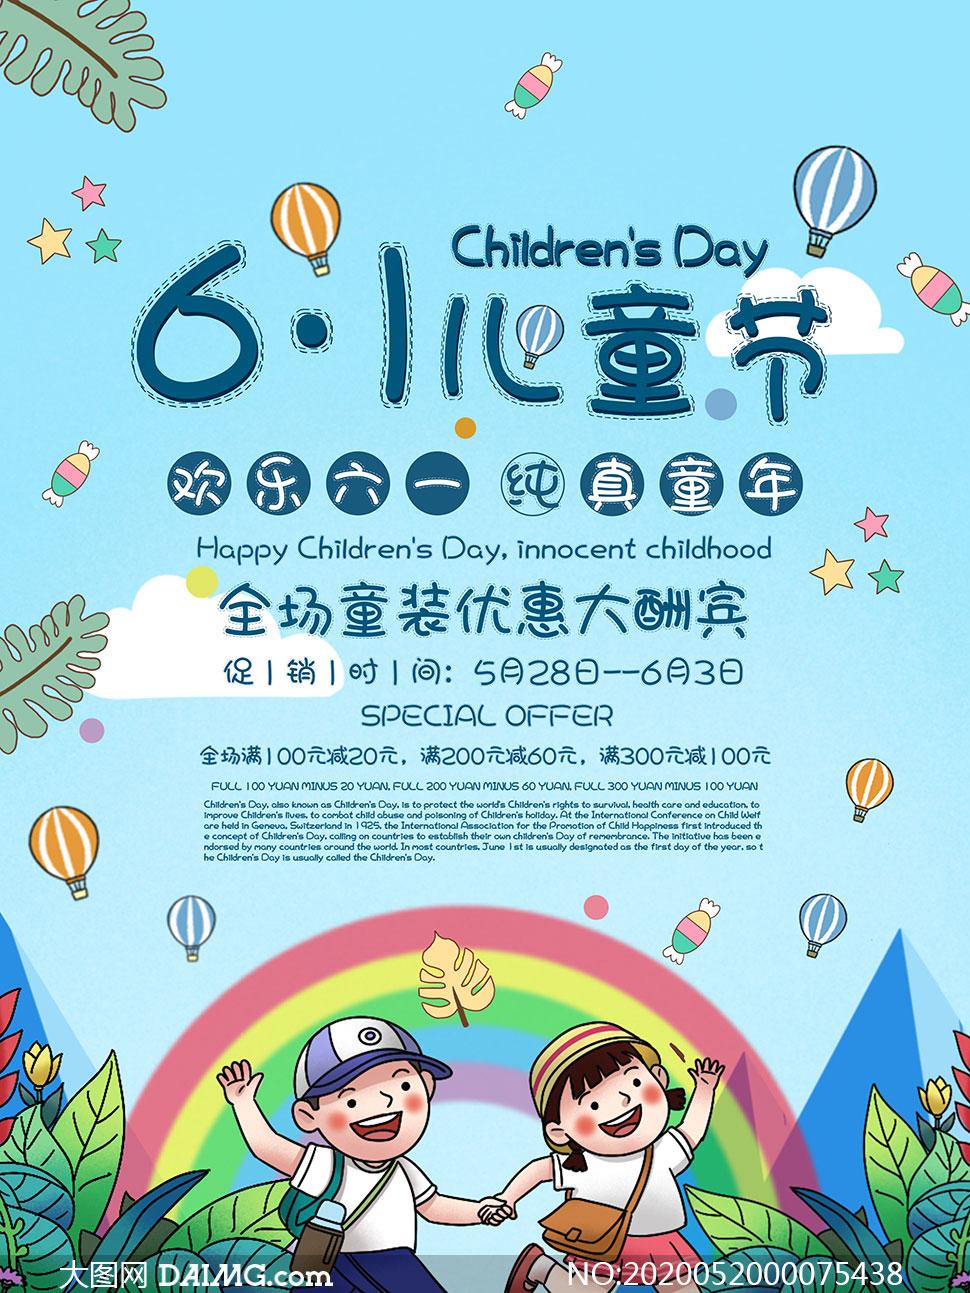 61儿童节童装促销海报设计PSD素材